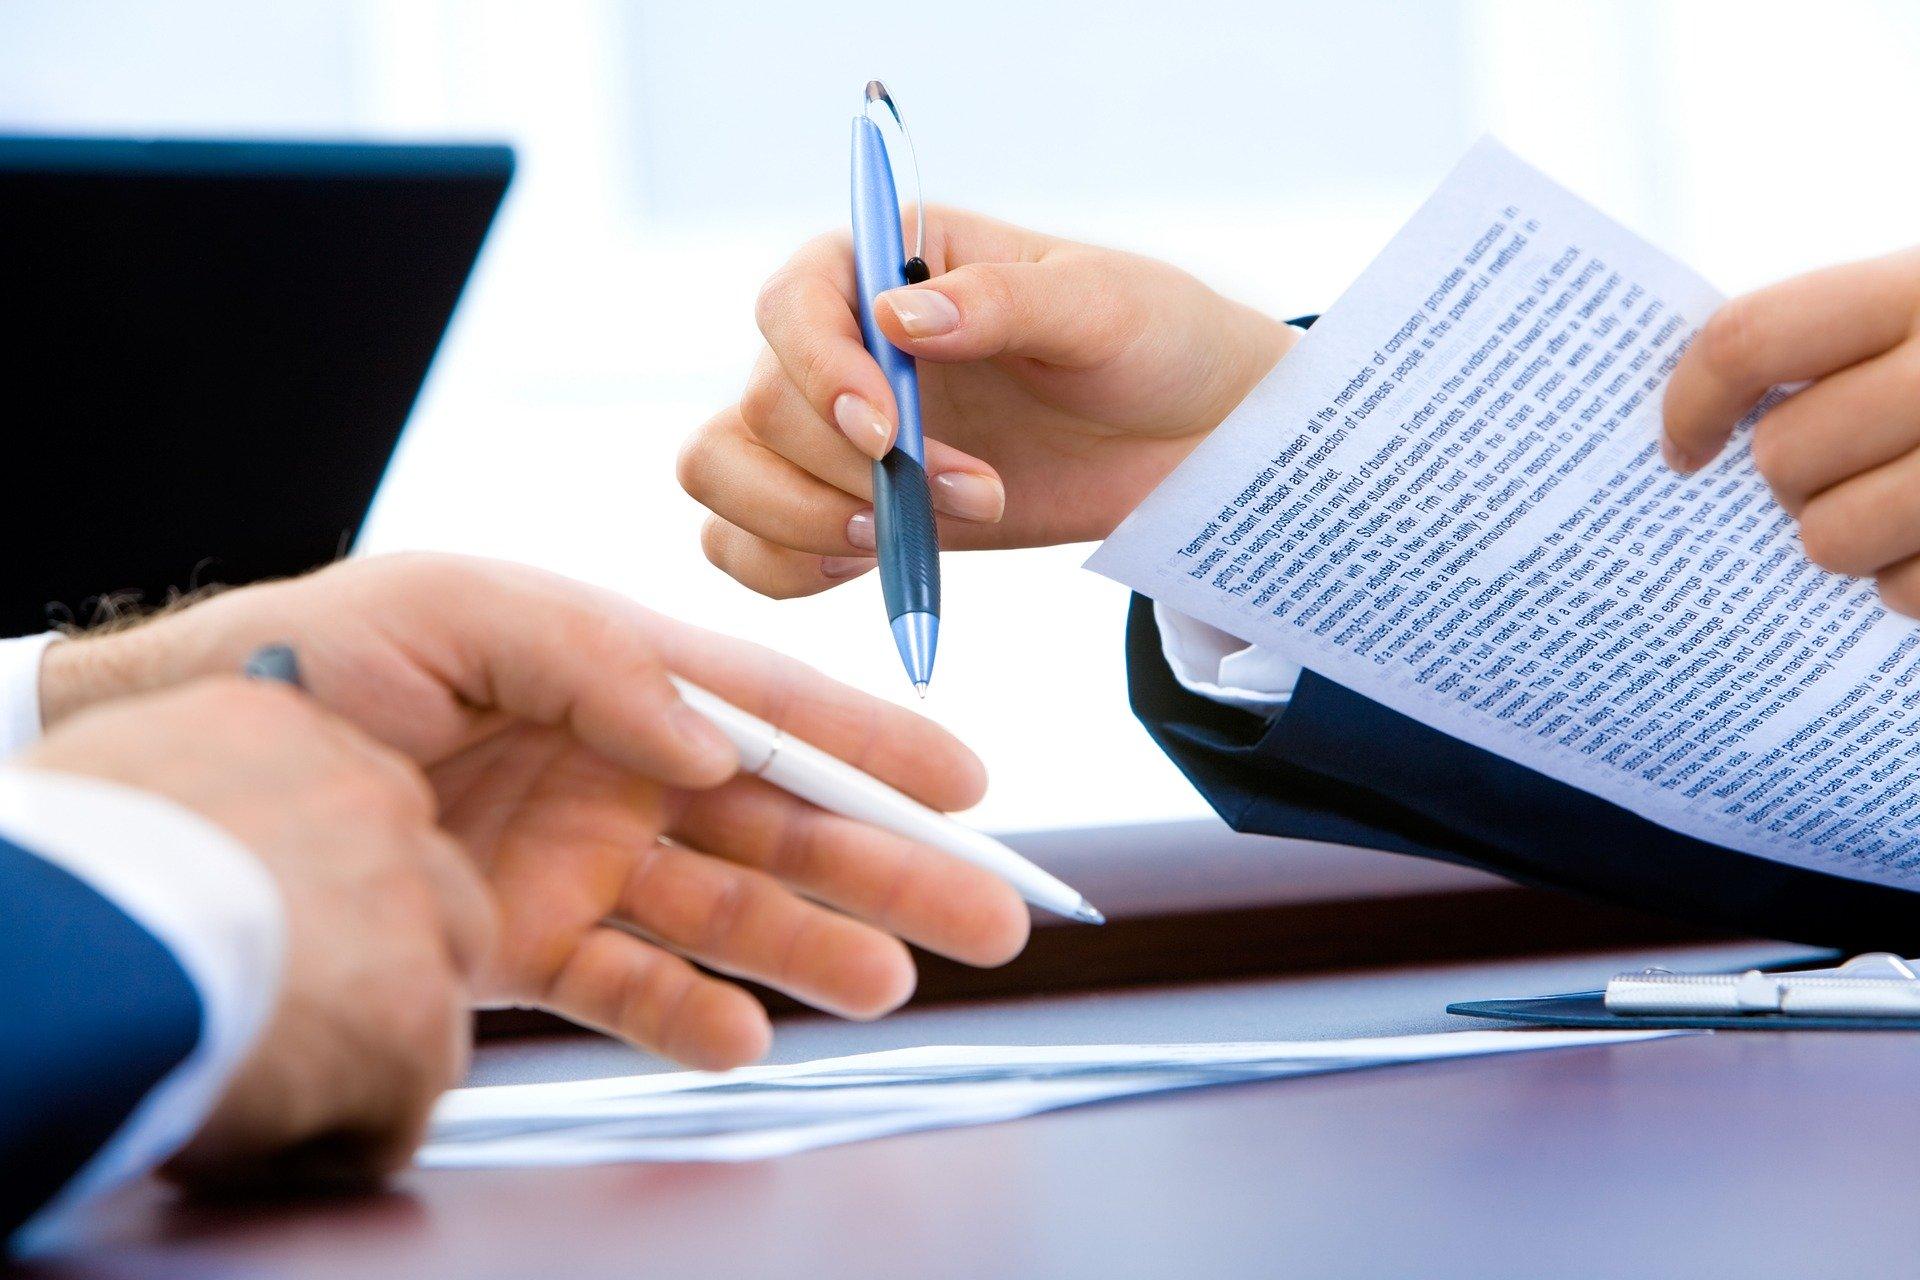 Comment contester les mesures imposées par la commission de surendettement?